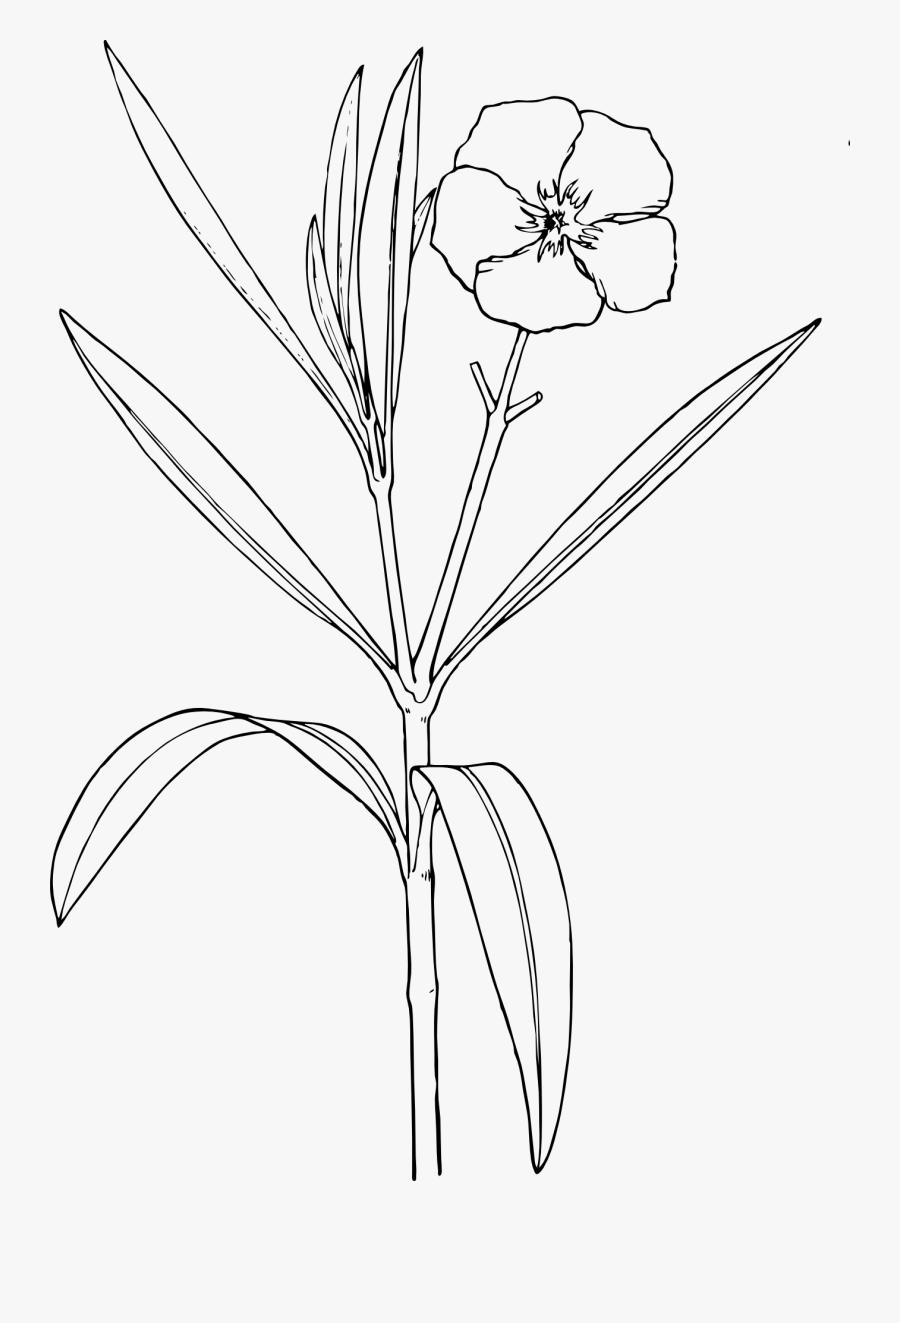 Oleander And Design Bush - Red Kaner Flower Drawing, Transparent Clipart